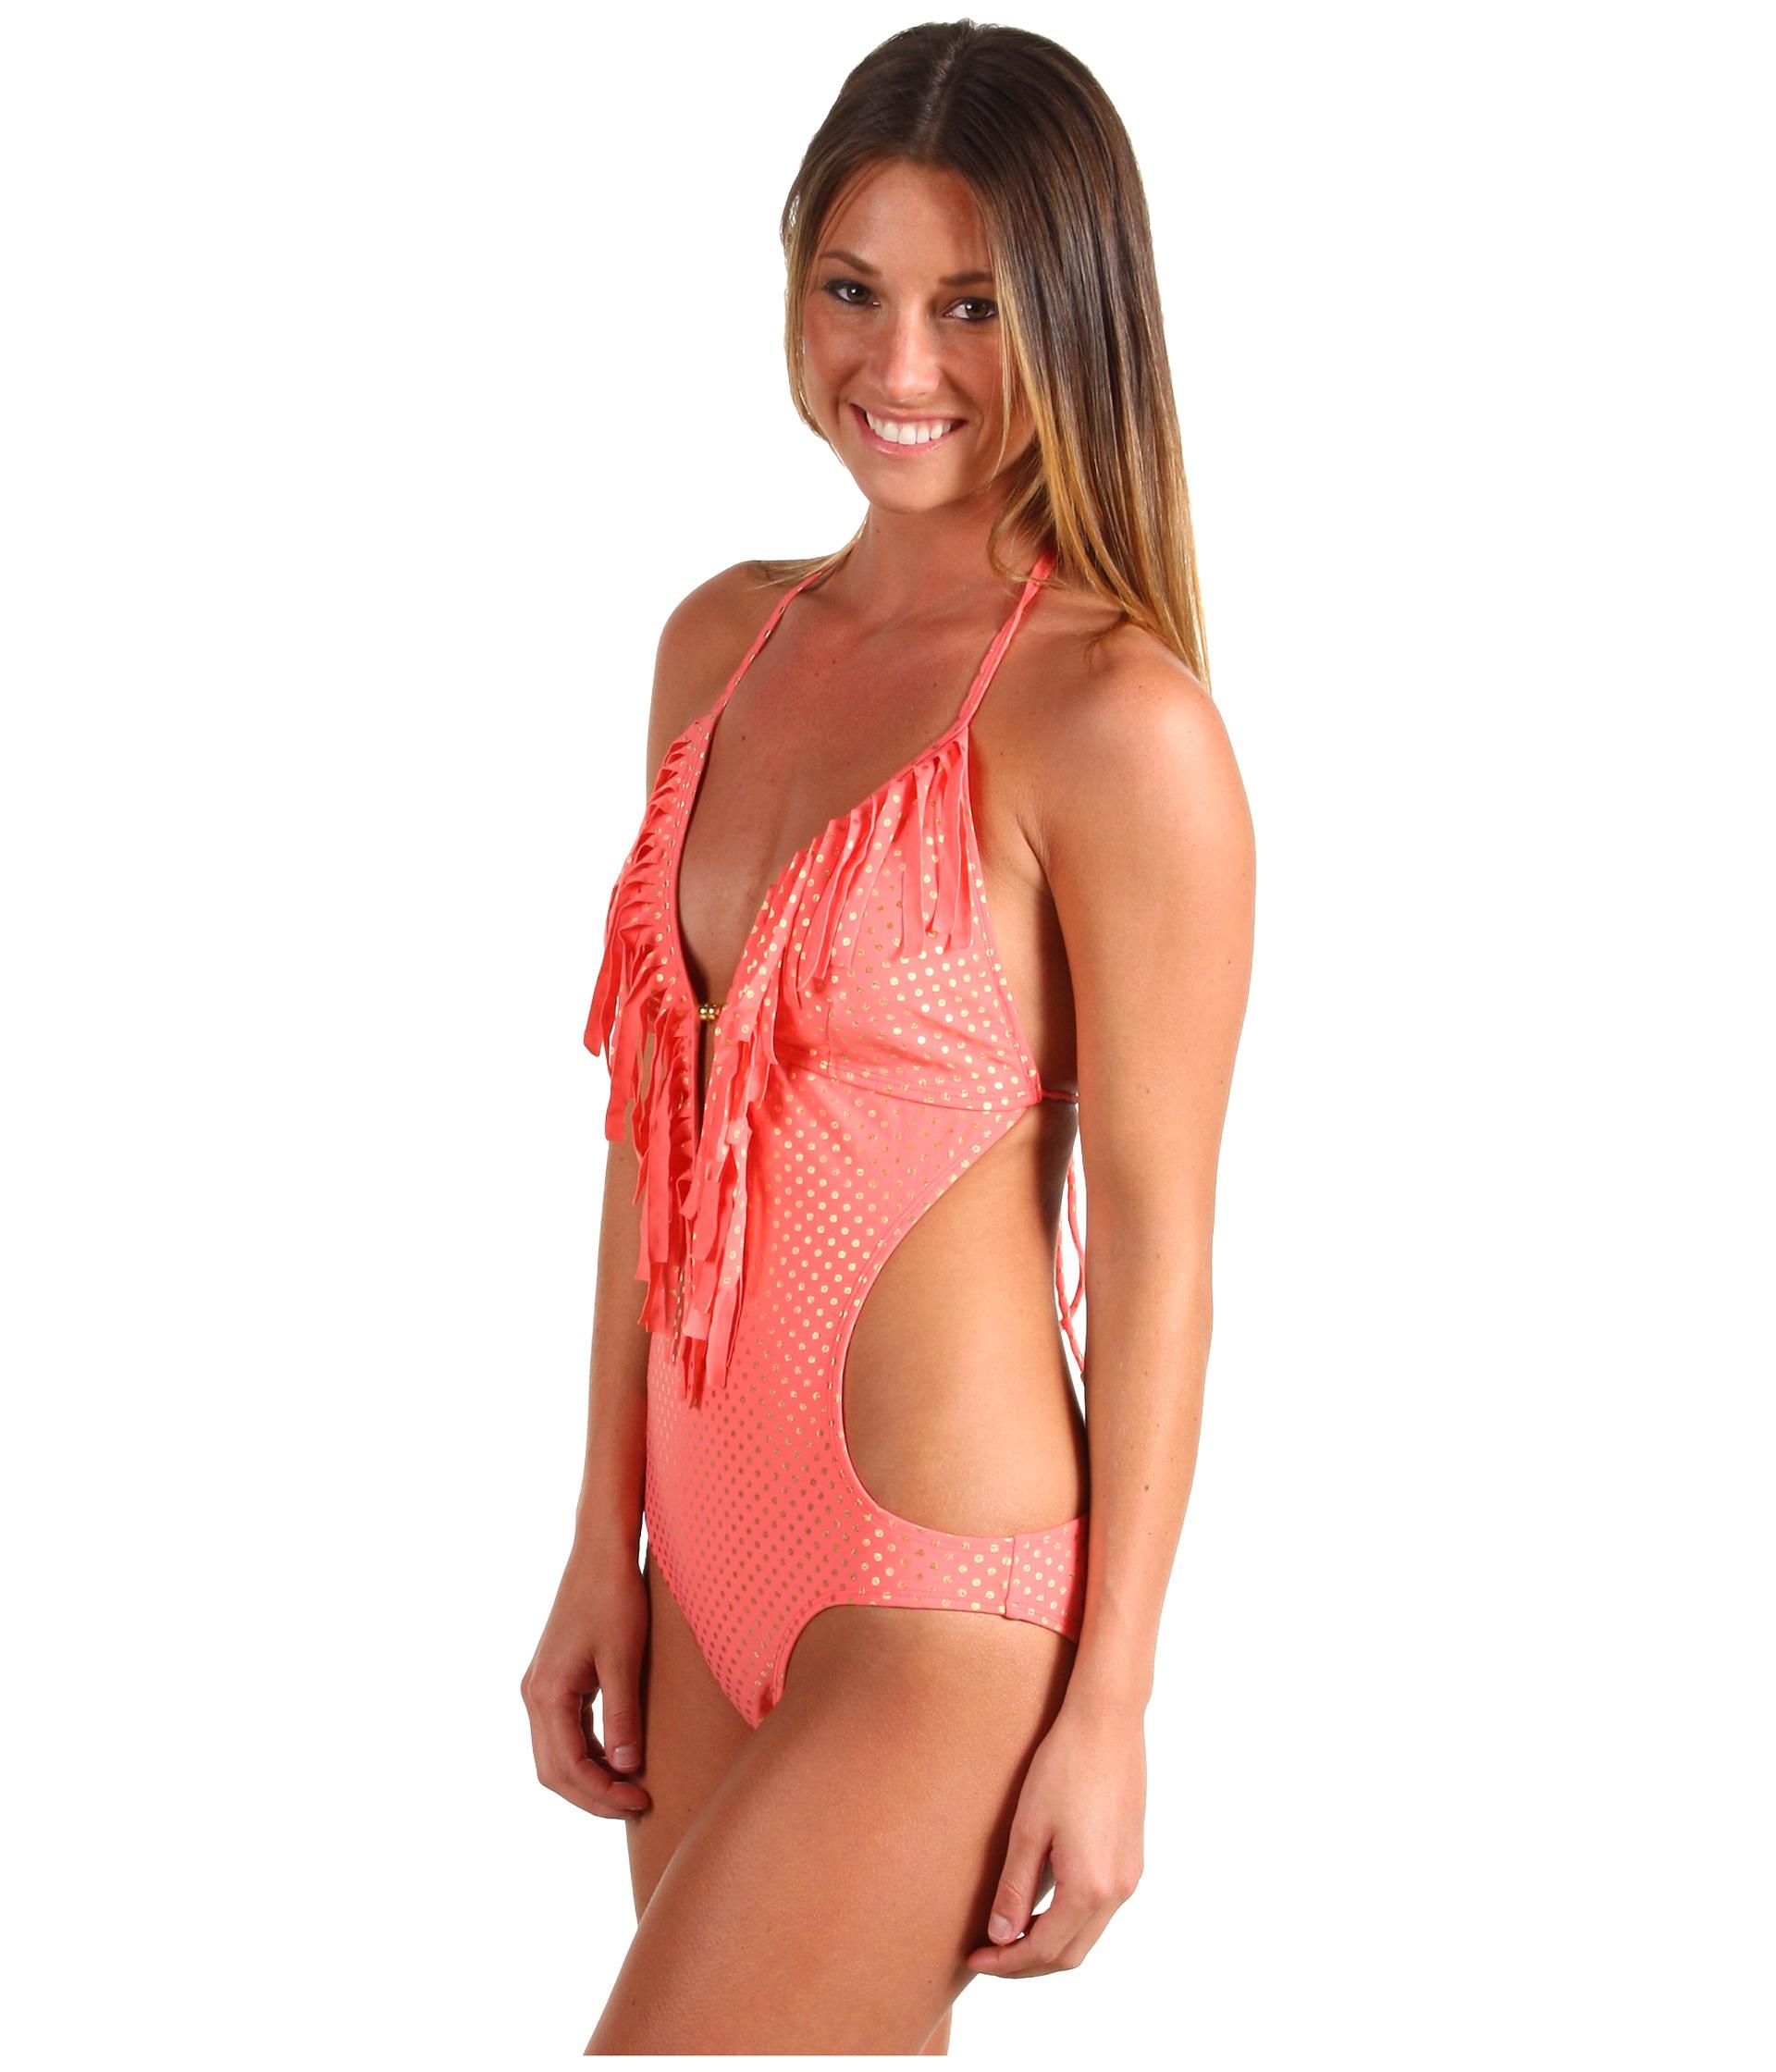 Женская Пляжная Одежда С Доставкой